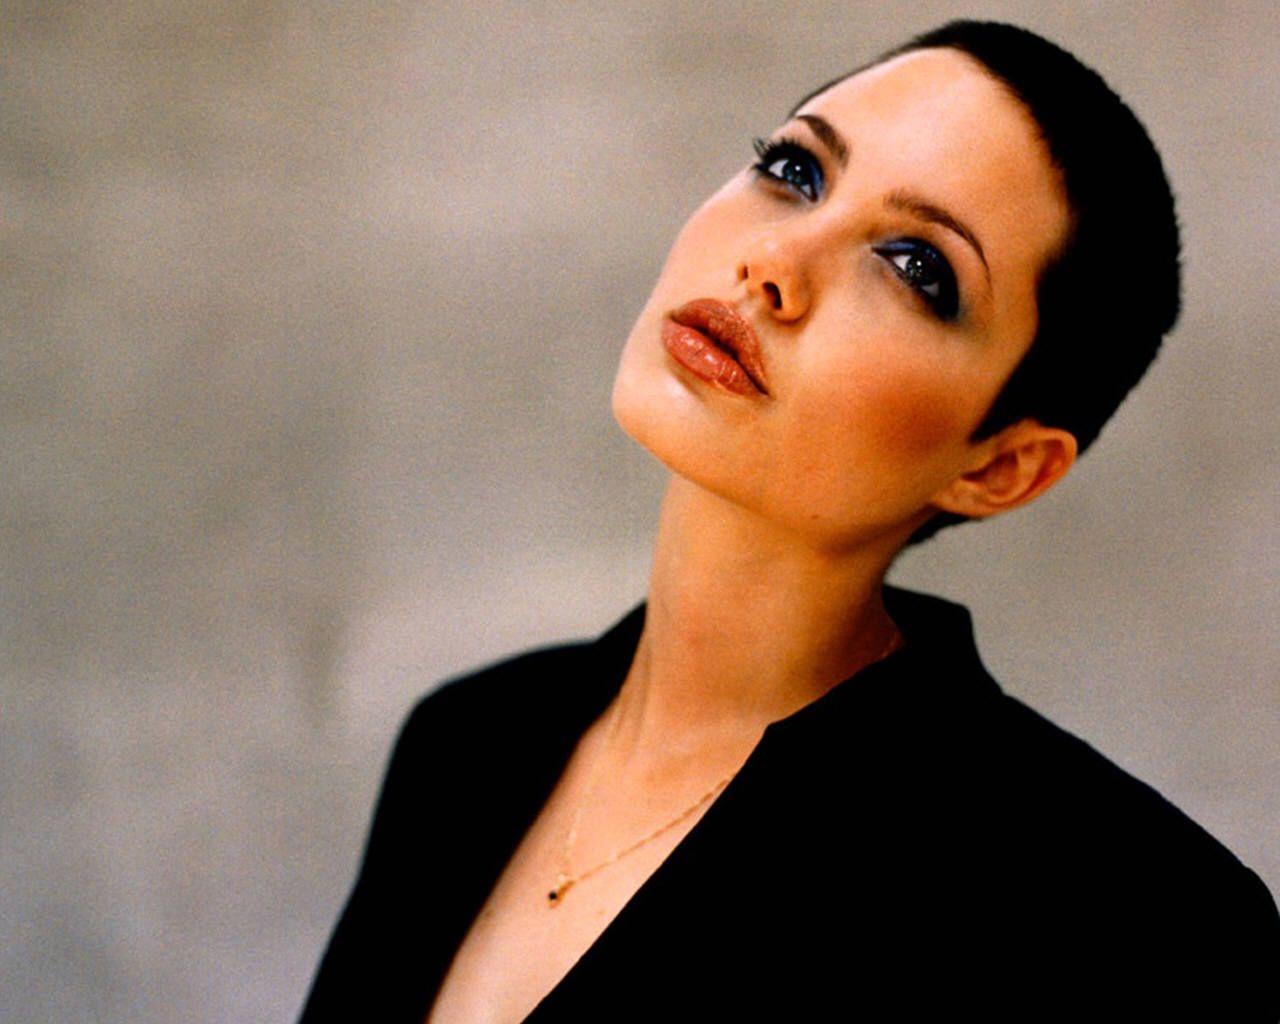 Marvelous 1000 Ideas About Angelina Jolie Short Hair On Pinterest Short Hairstyles For Black Women Fulllsitofus